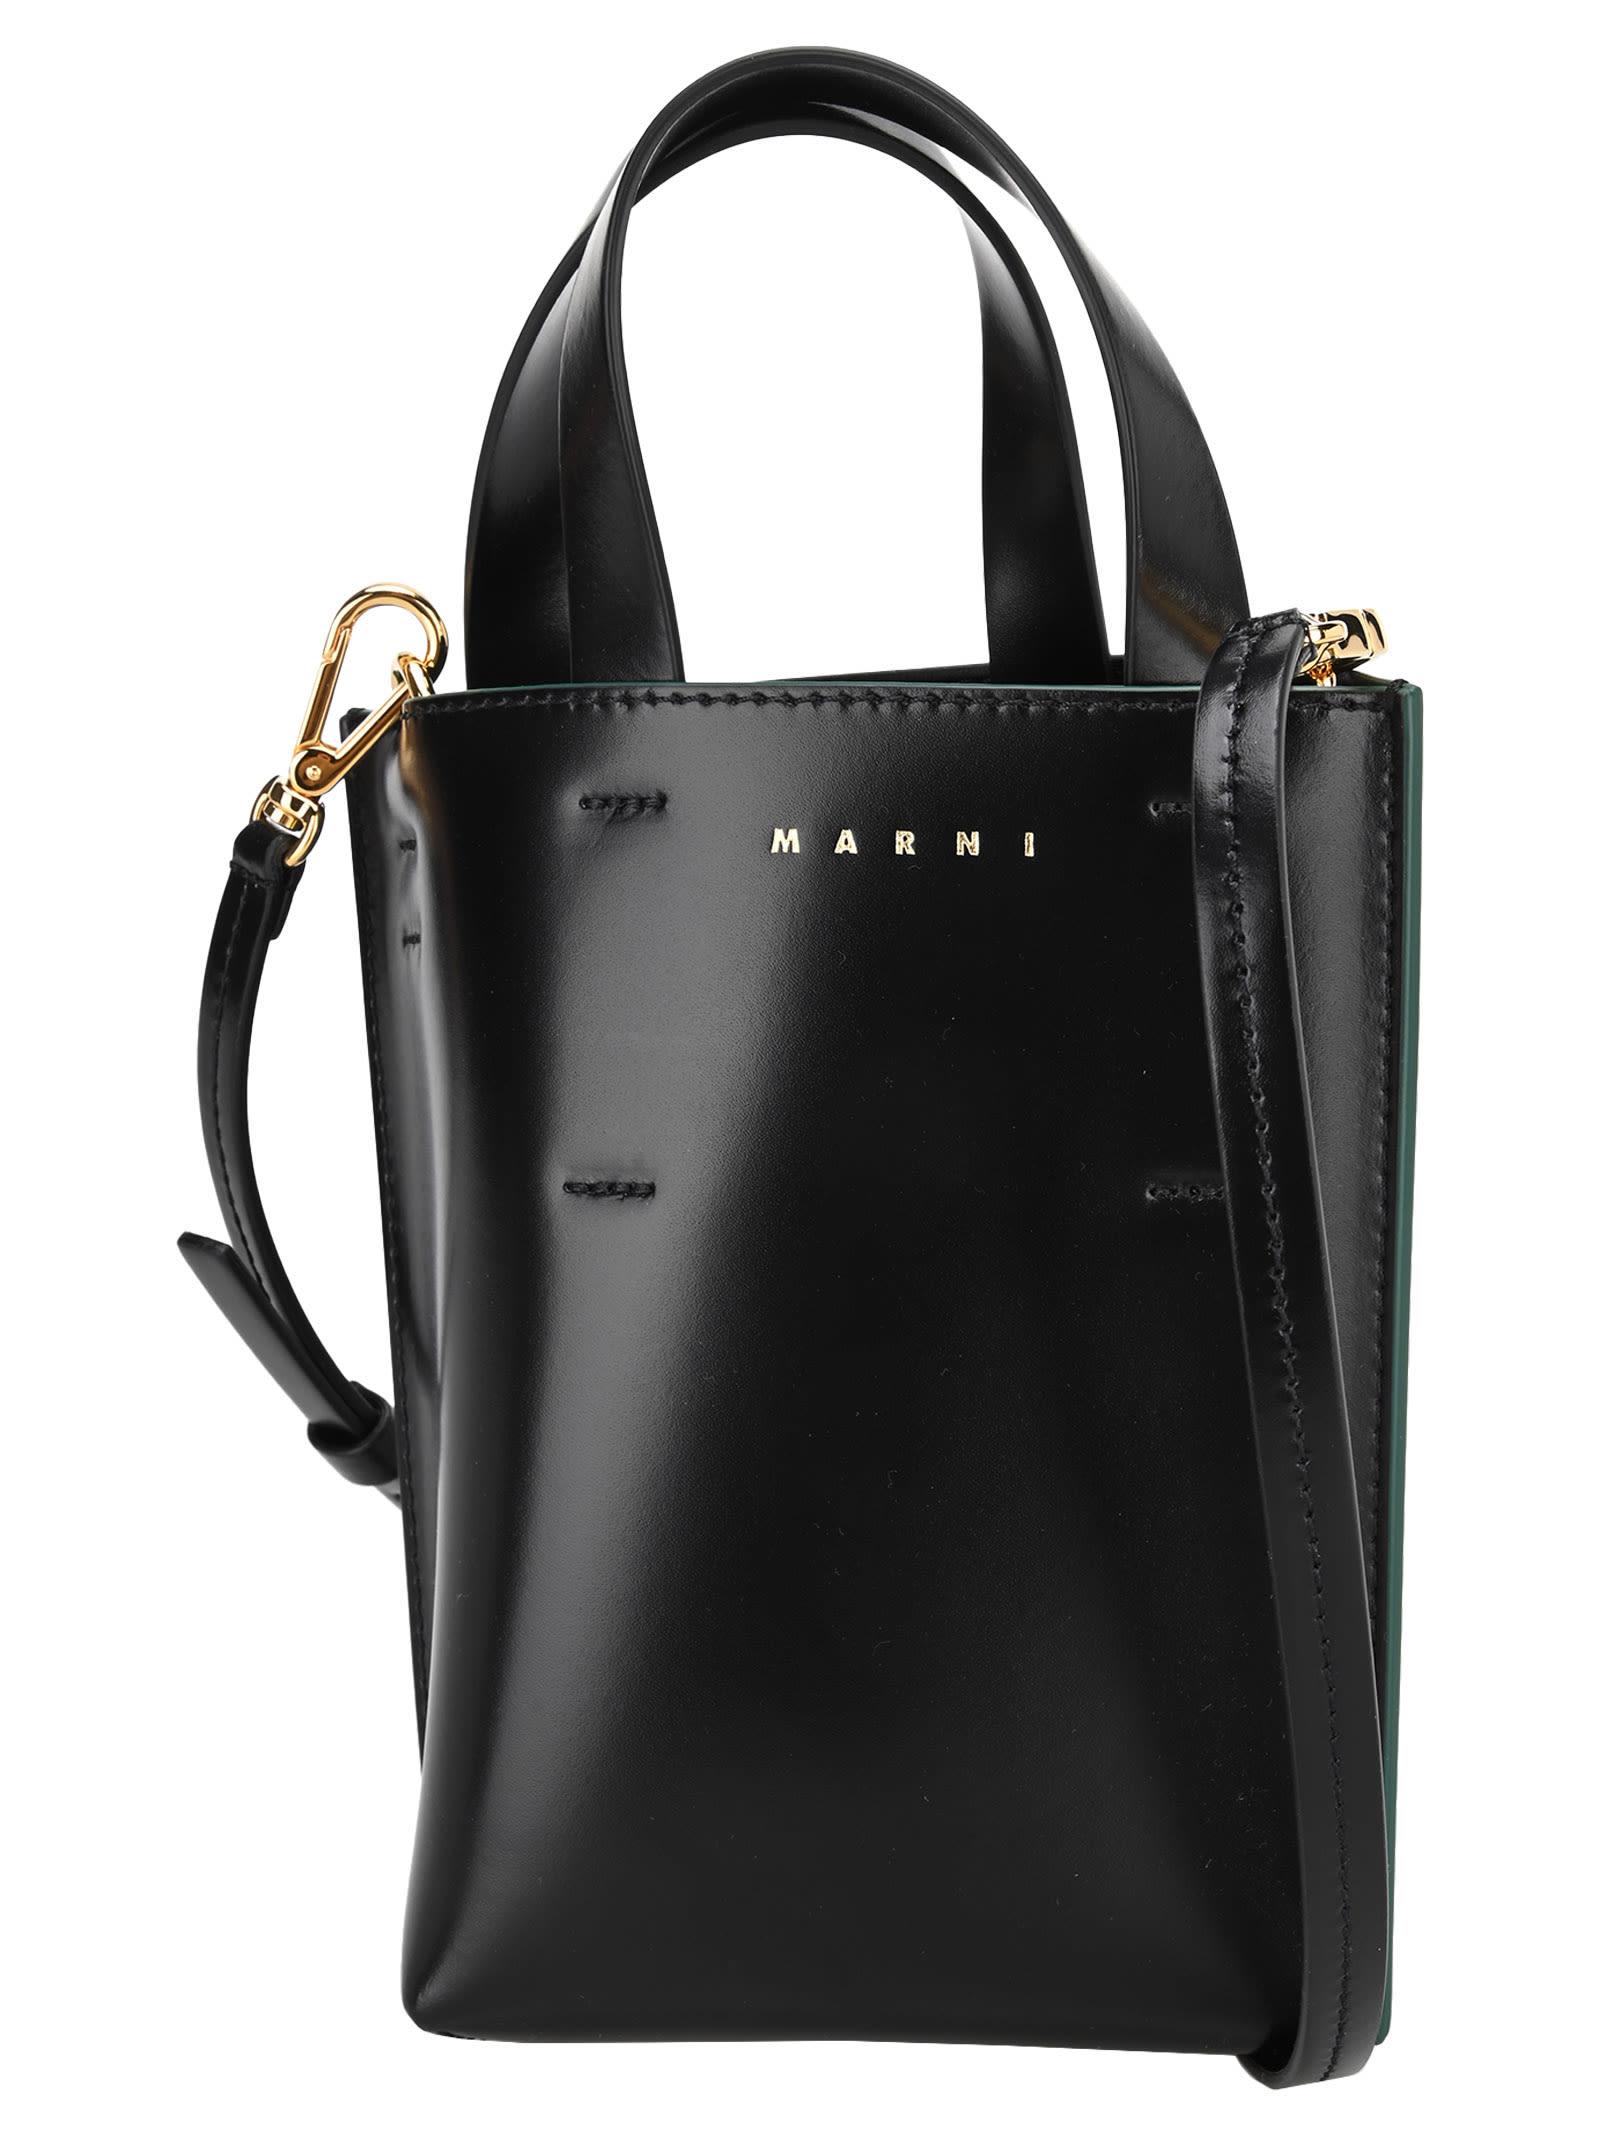 Marni NANO MUSEO SHOPPING BAG